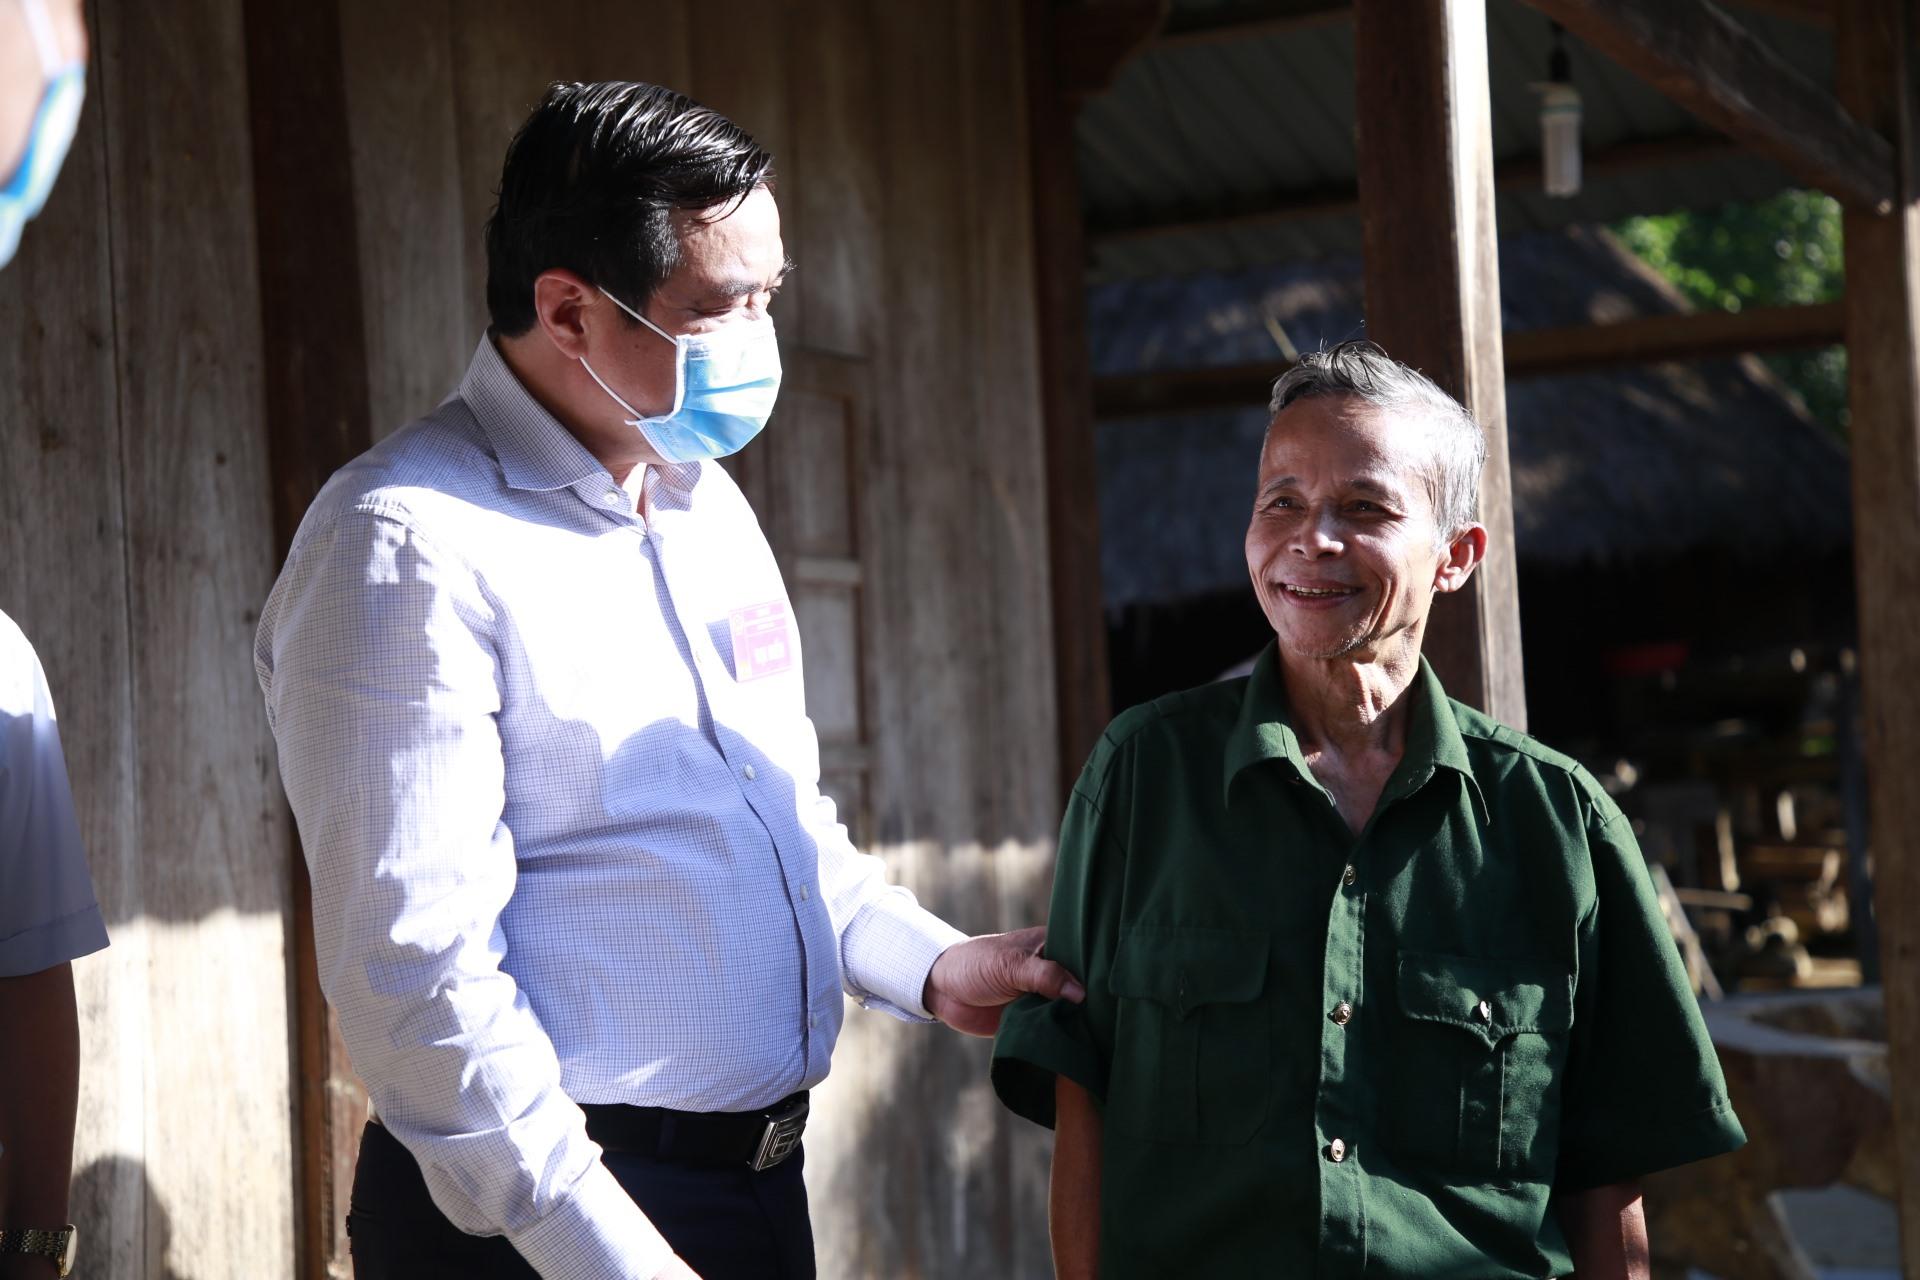 Bí thư Tỉnh ủy Phan Việt Cường trò chuyện với một cử tri đang trên đường đến điểm bỏ phiếu tại xã La Êê.